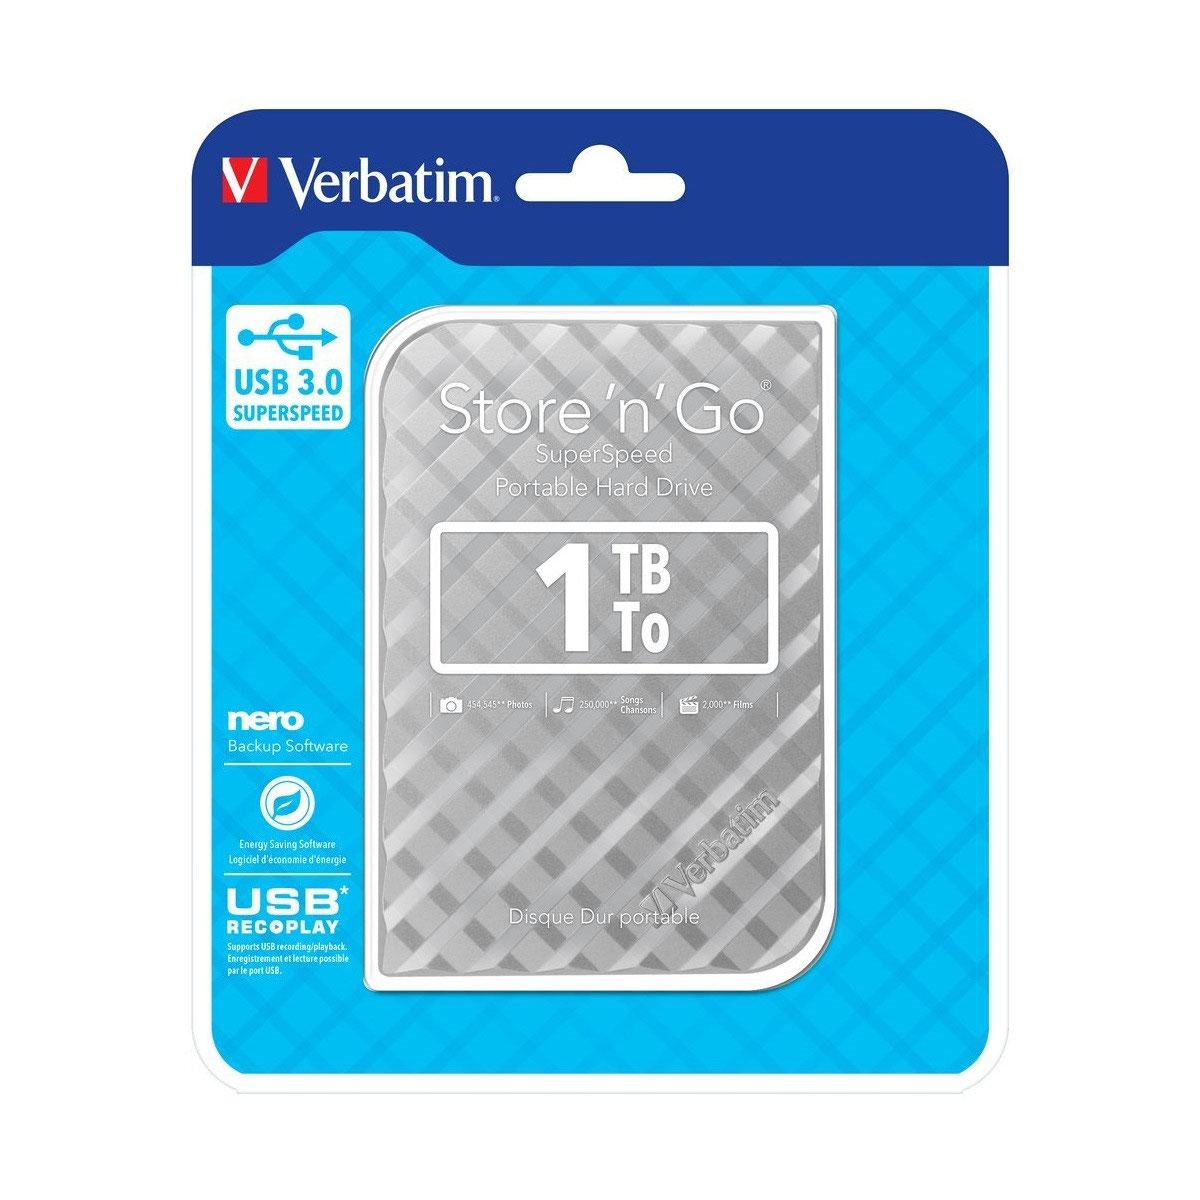 Verbatim Portable Hard Drive 1TB Silver Ref 53197